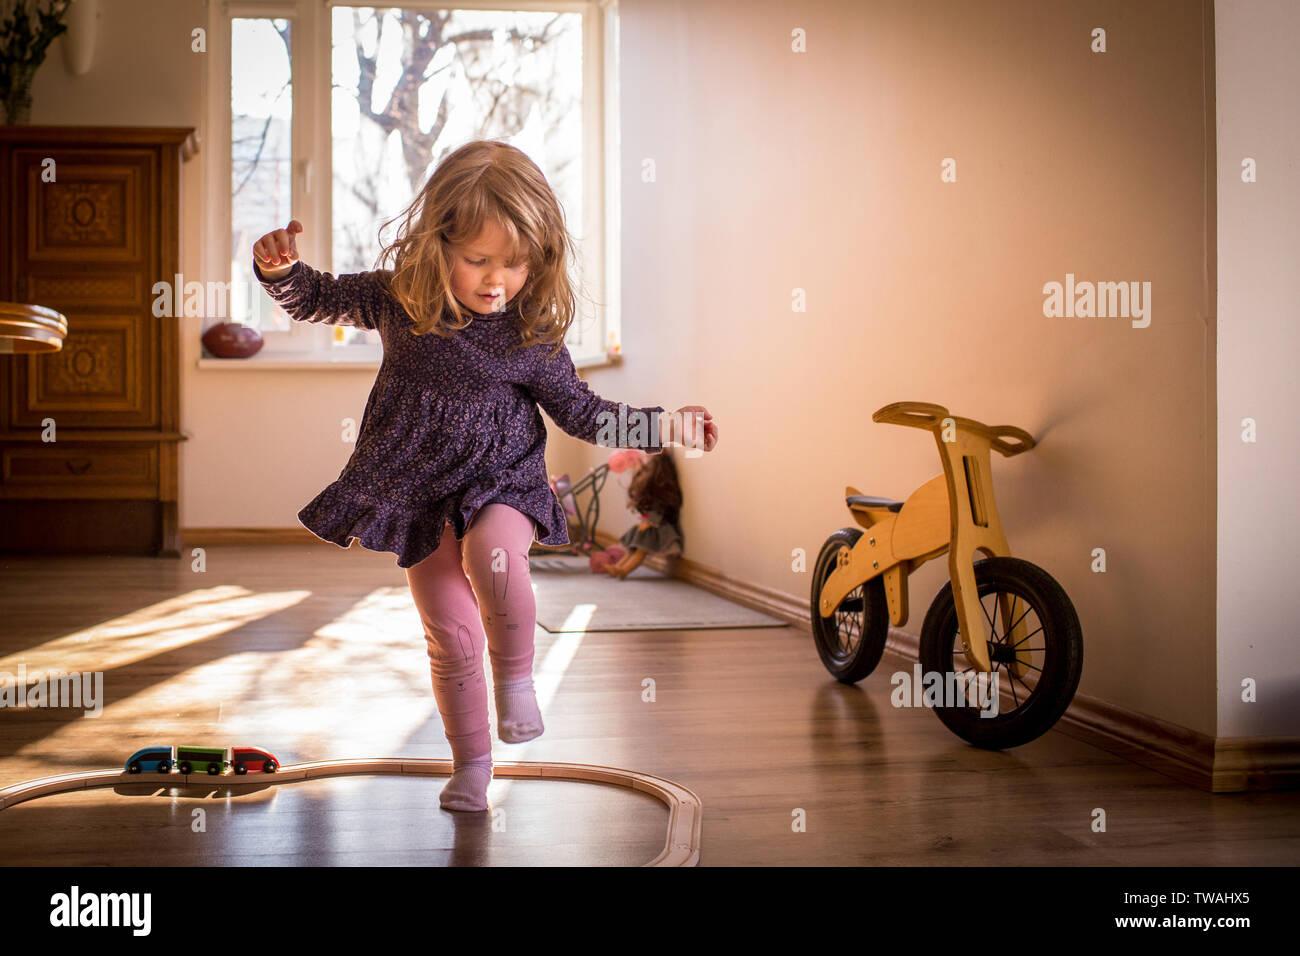 Glücklich, ein wenig Kind Mädchen spielen und Tanzen im Toy Train Tracks, in einem sonnendurchfluteten Raum mit Fenster, Spass haben während Ihrer Spielzeit Stockfoto